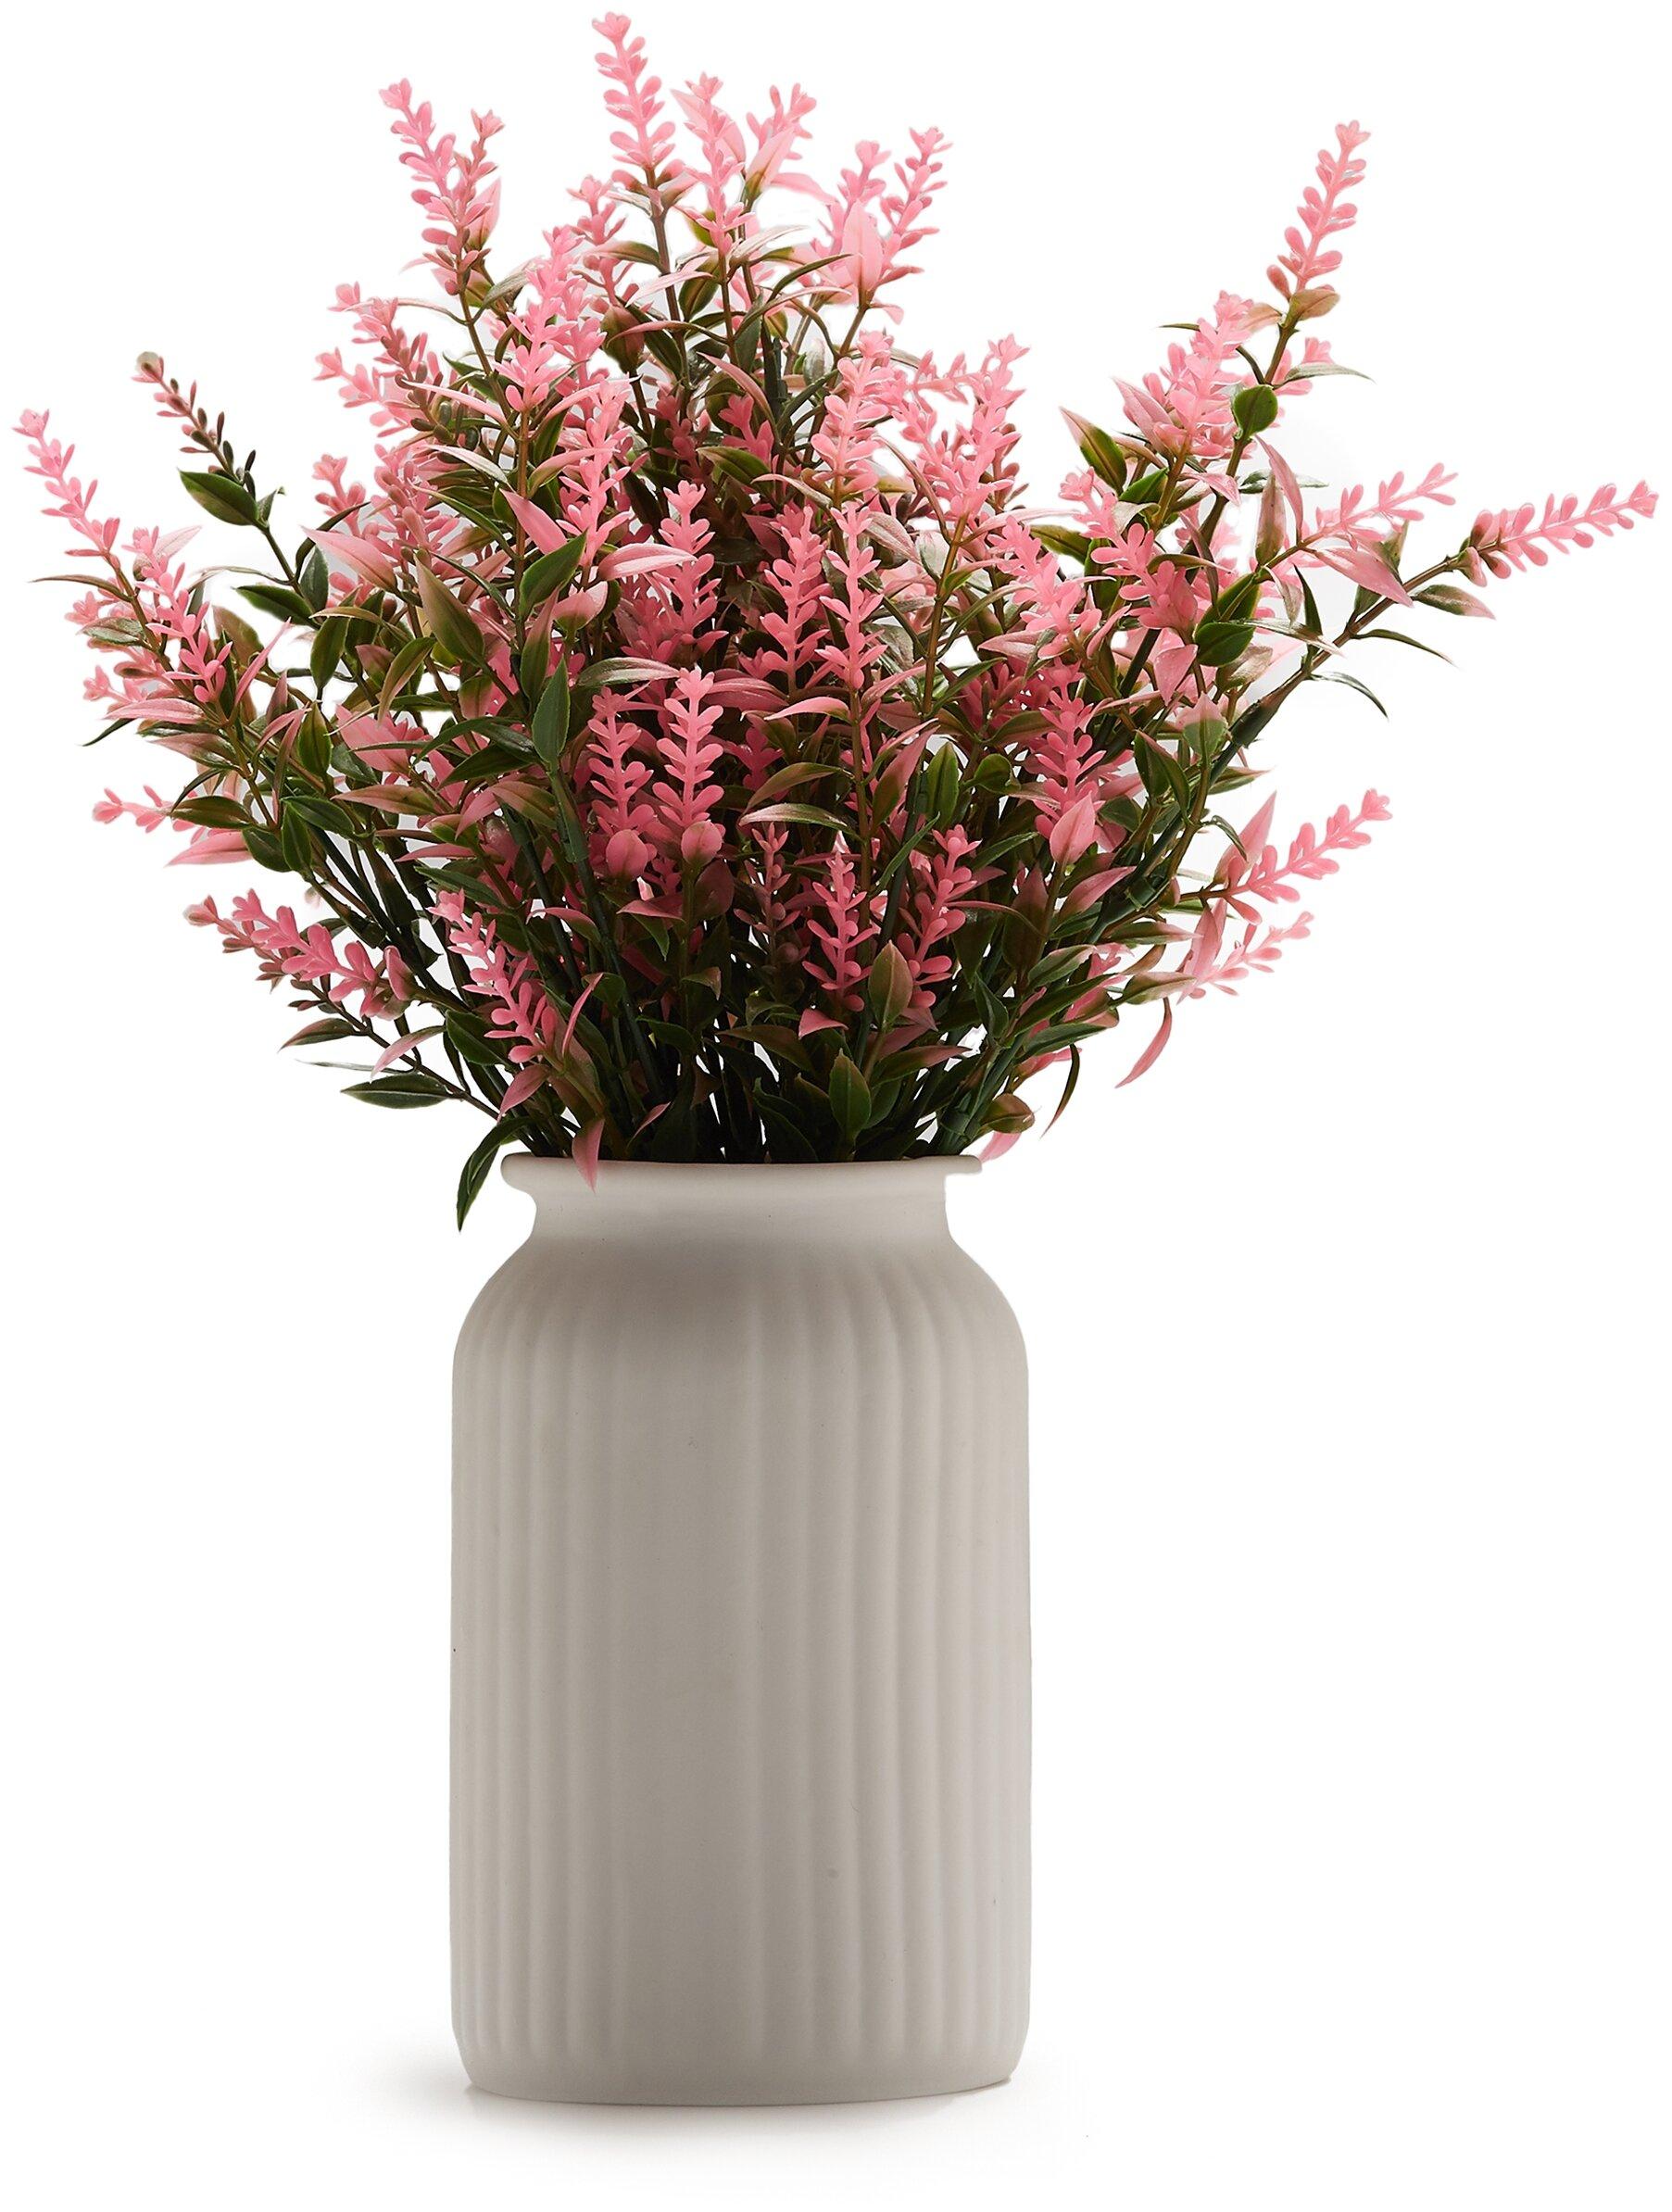 """Букет 3 ветки полевых цветов """"Голоса травы"""" MERSADA (зеленый; розовый) 33 см — купить по выгодной цене на Яндекс.Маркете"""